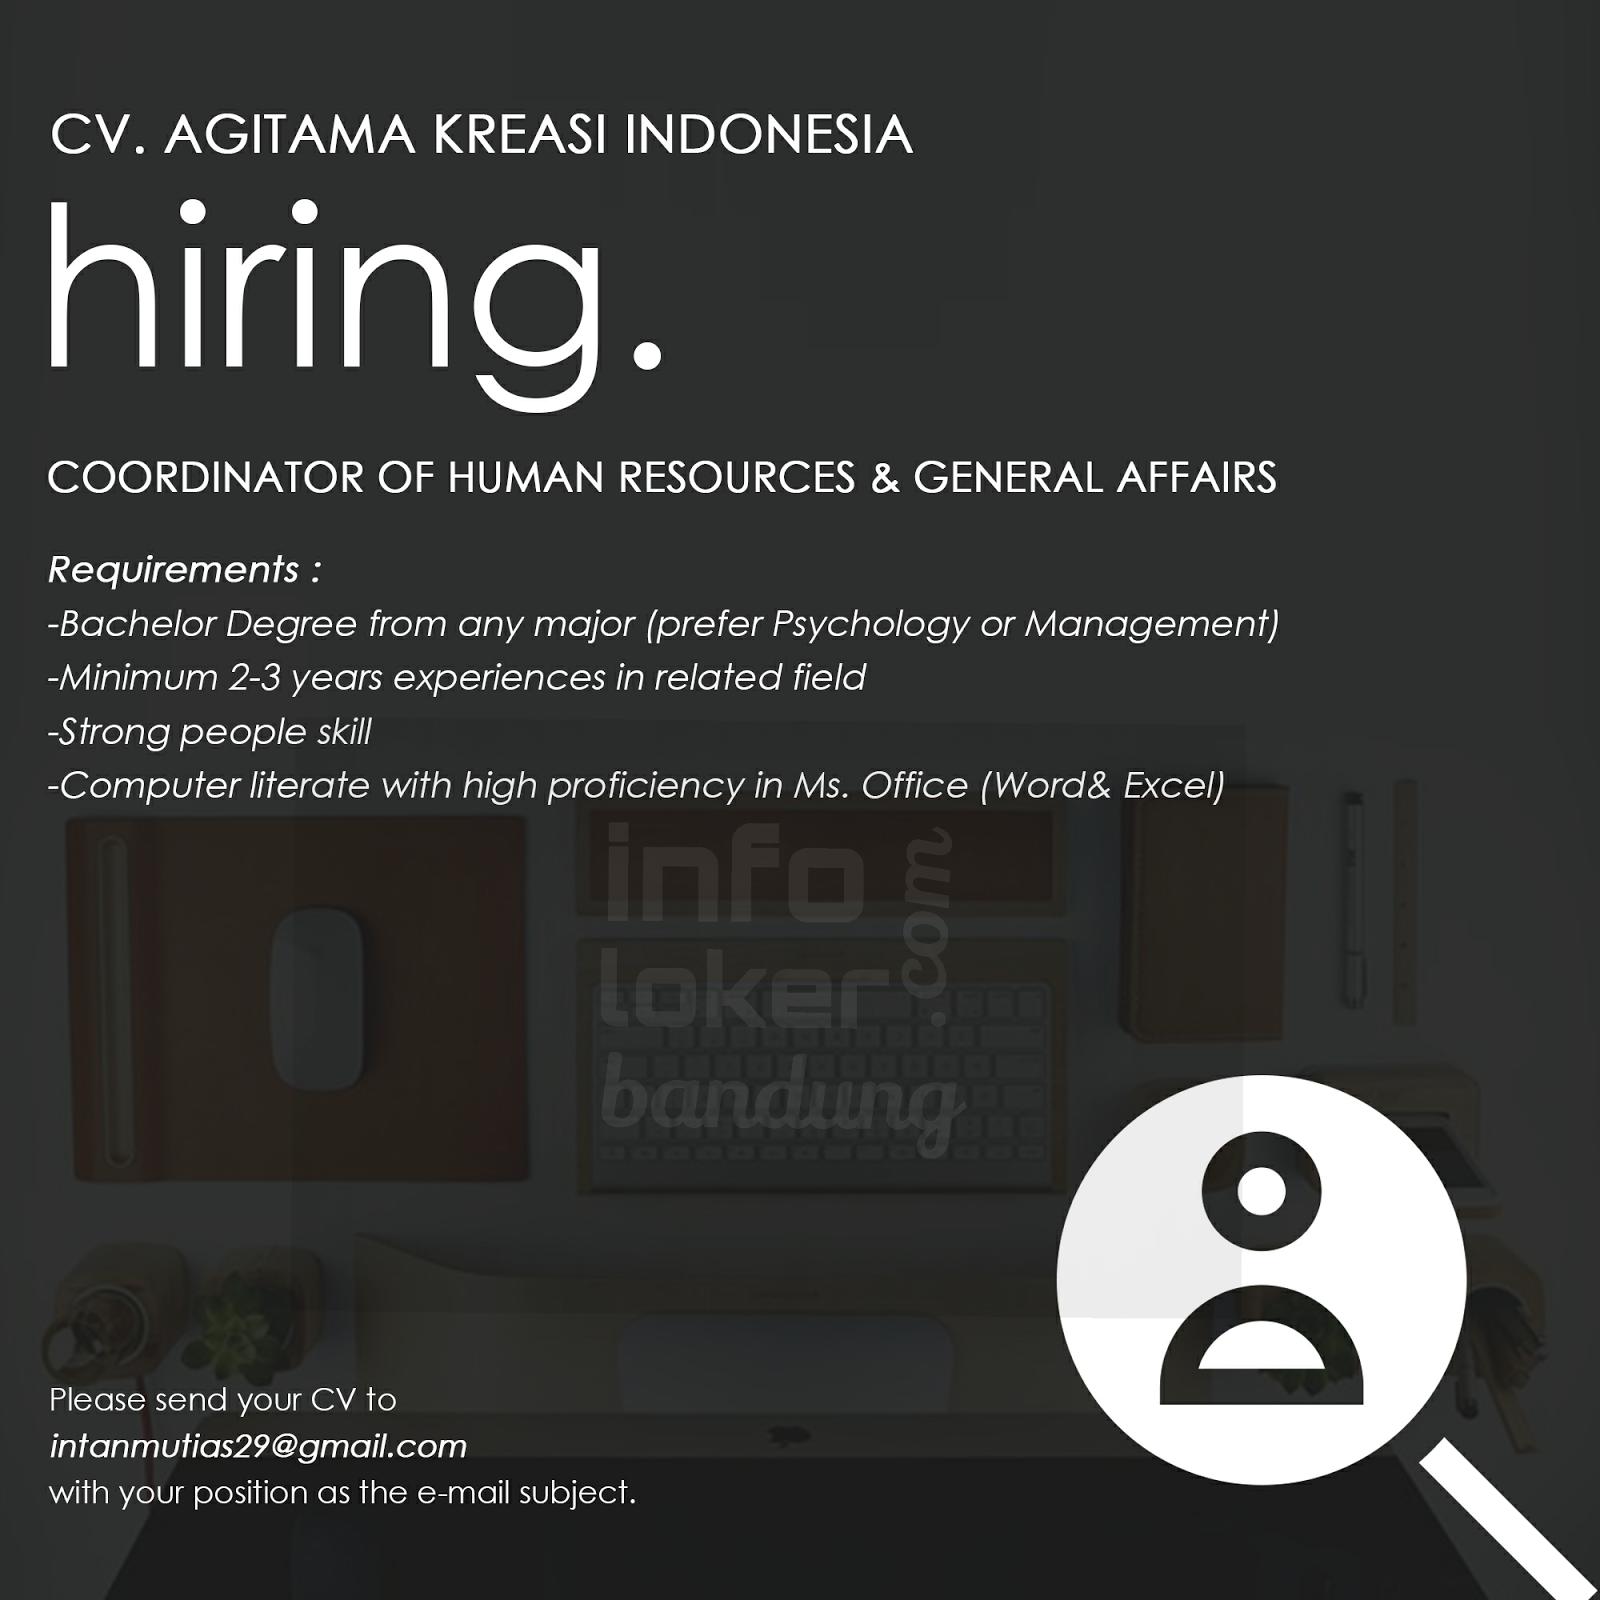 Lowongan Kerja CV. Agitama Kreasi Indonesia Februari 2017